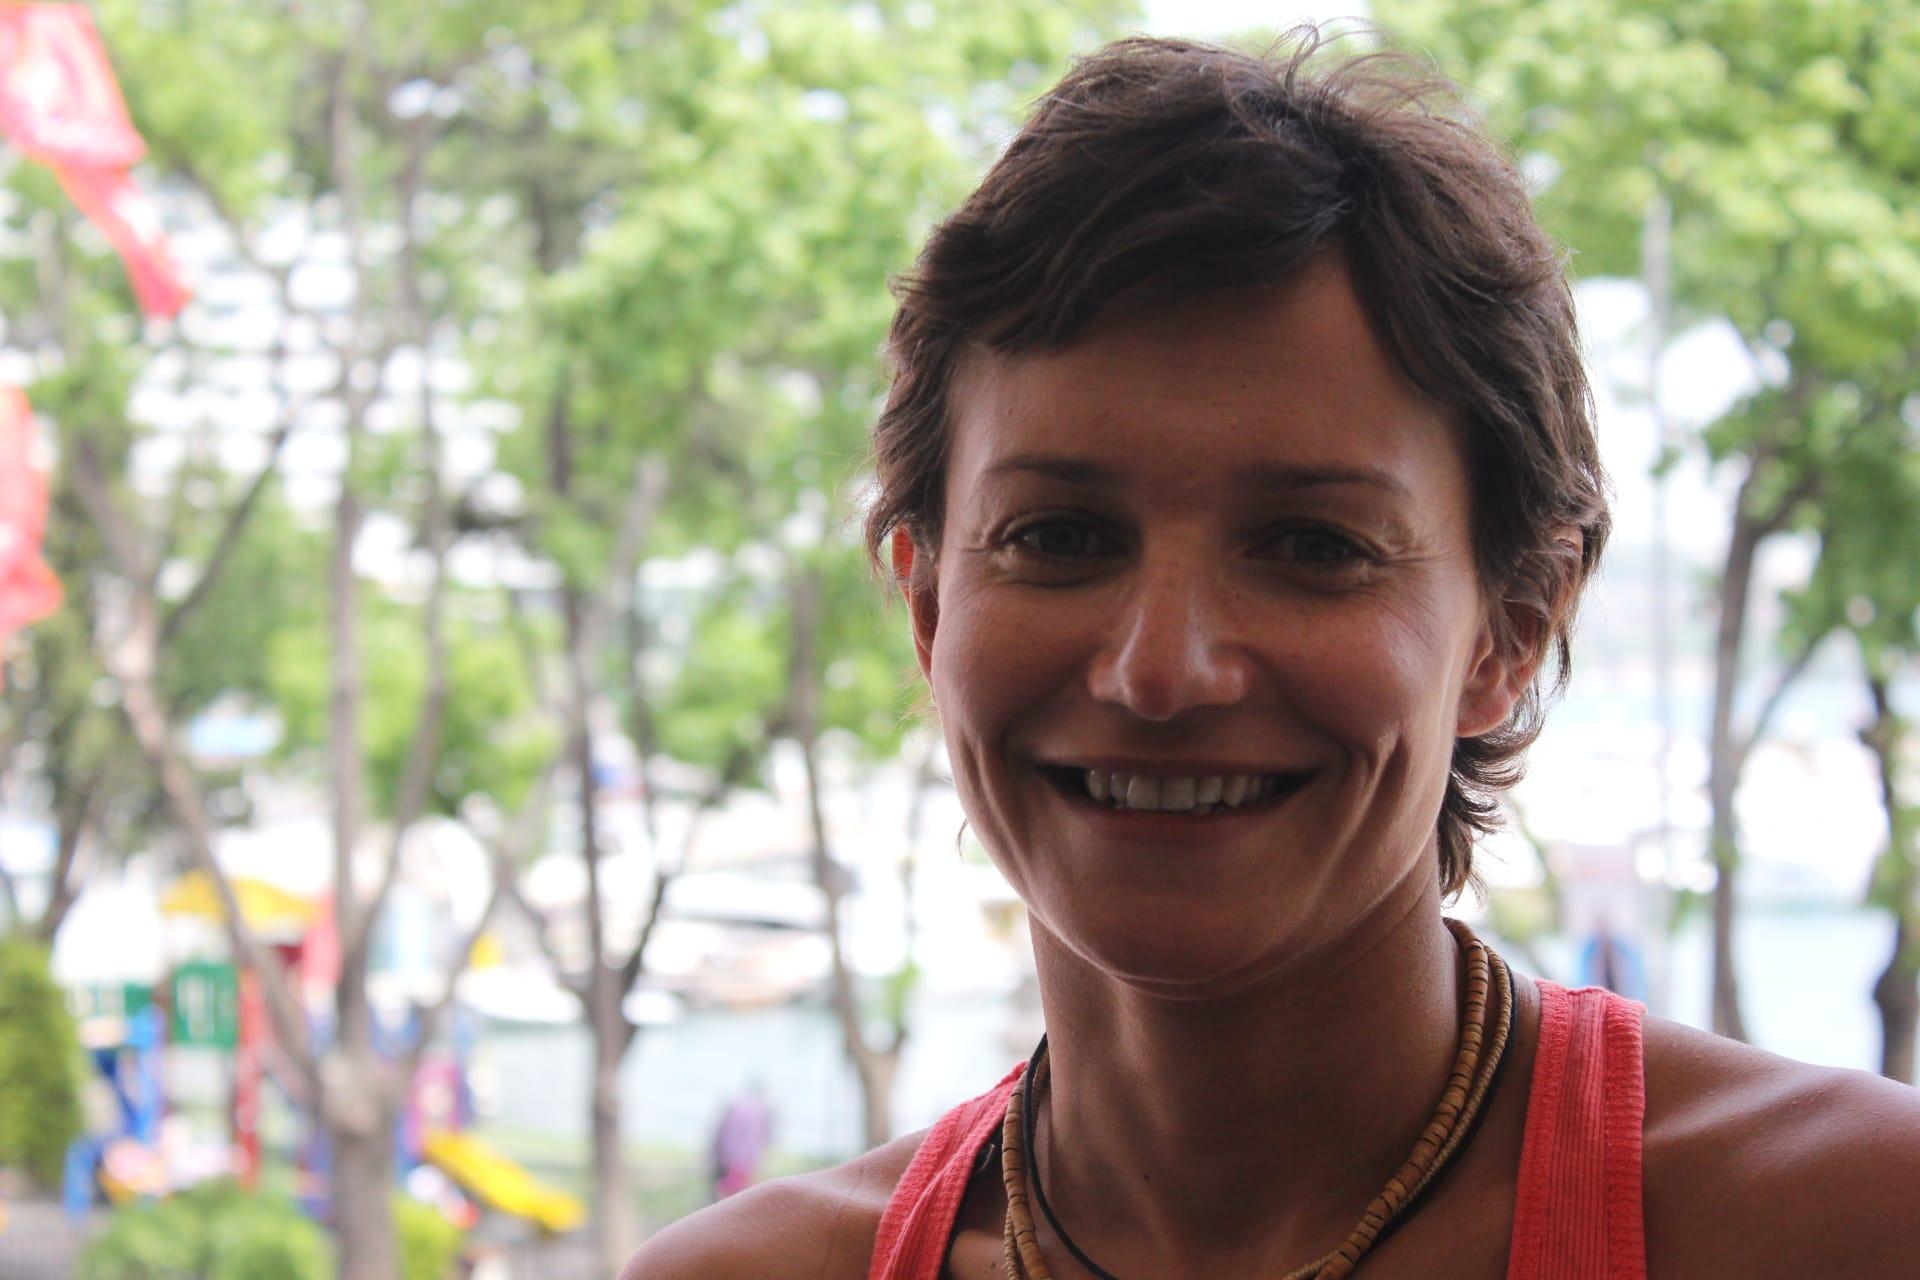 نادية بن بهتان.. مغربية قطعت 17 كيلومترًا سباحةً في 4 ساعات و 18 دقيقة